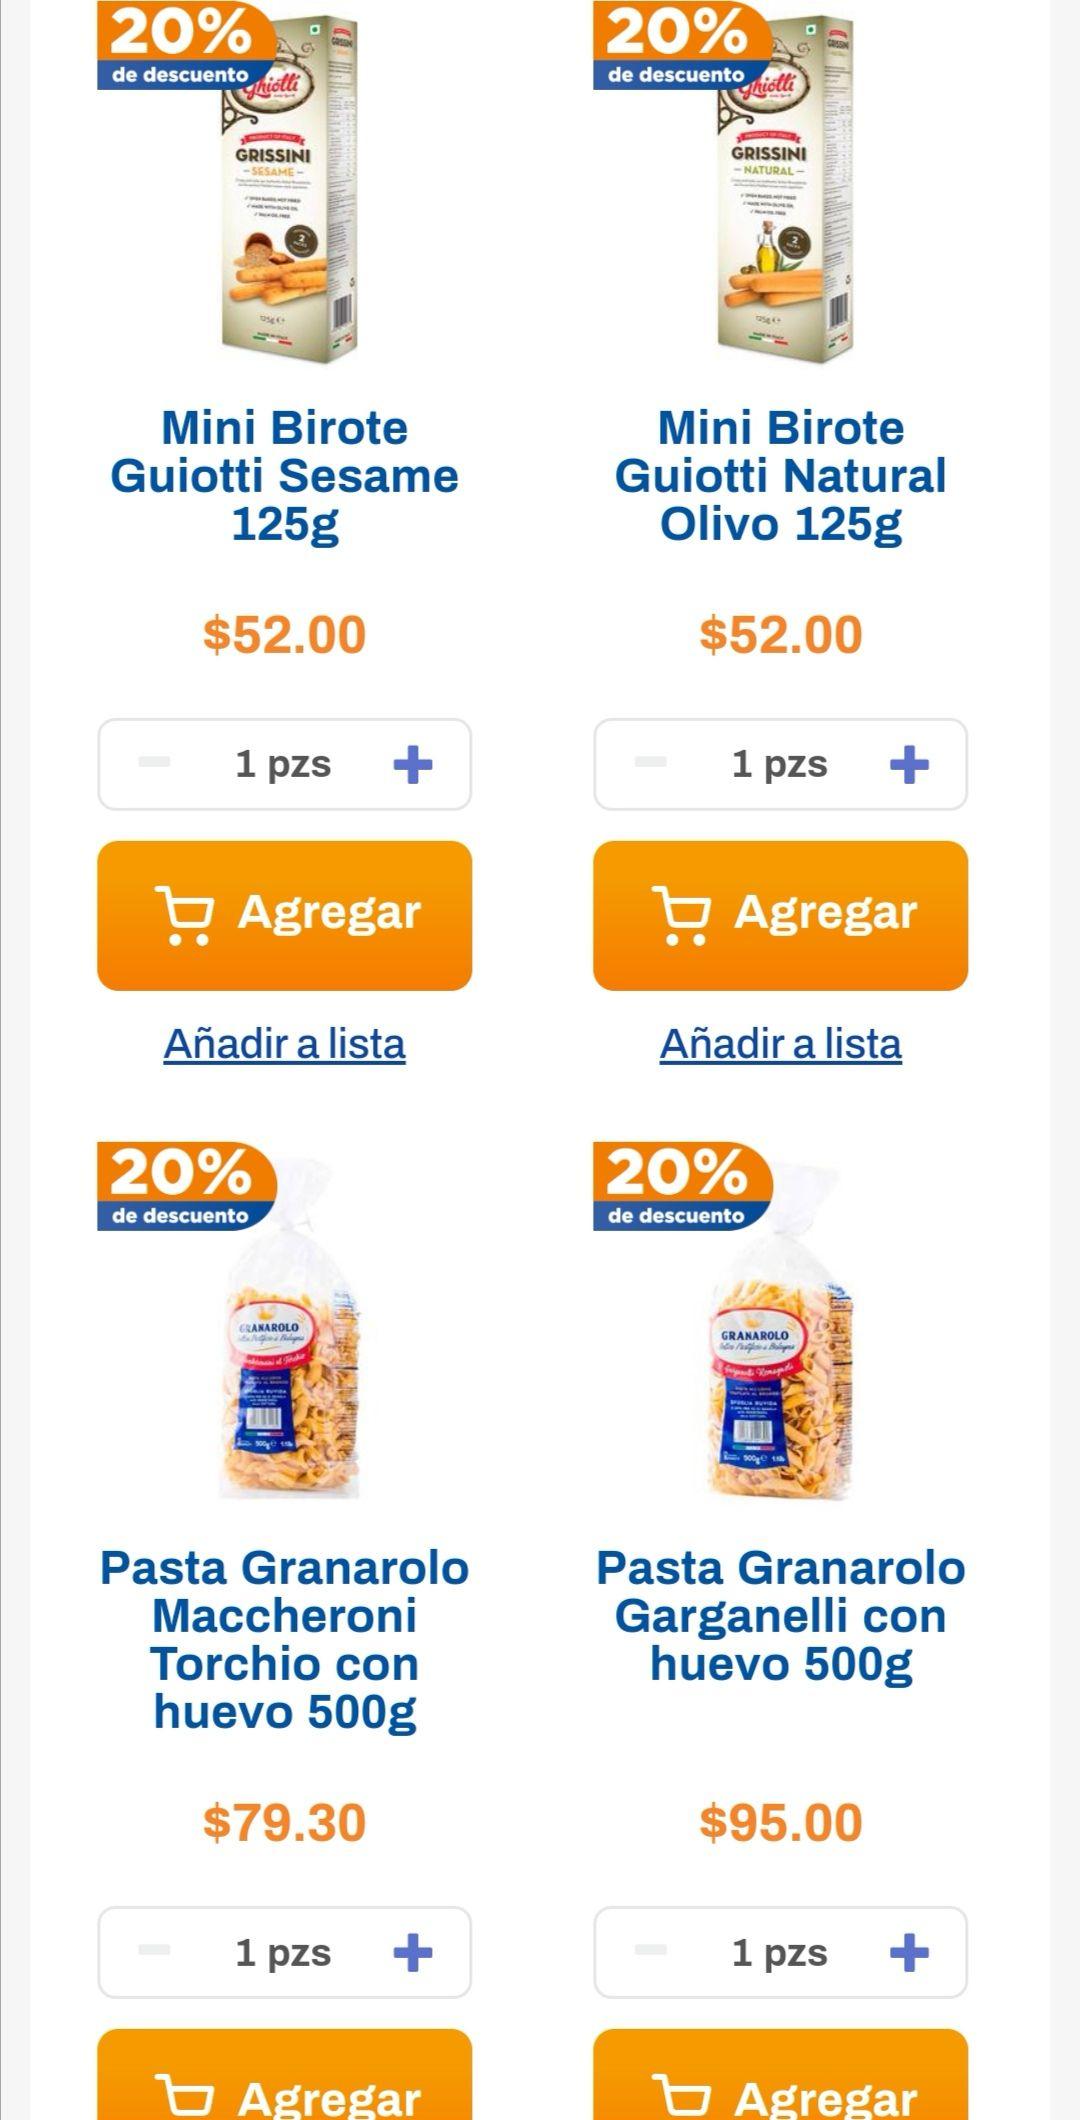 Chedraui: 20% de descuento en Pastas y Galletas Granarolo seleccionadas